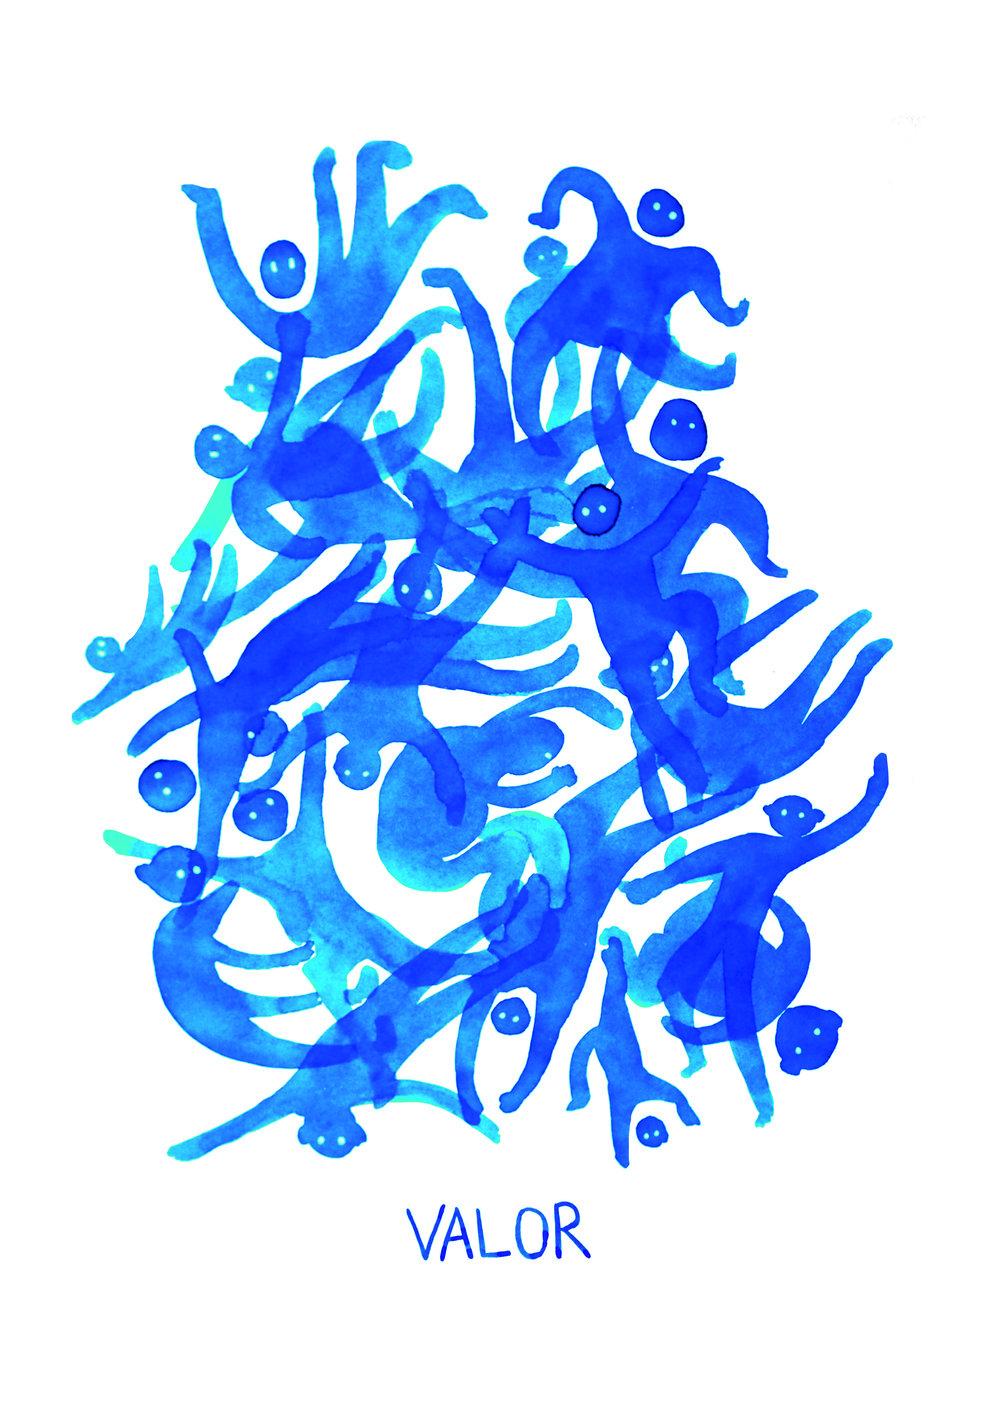 artprint_valor copia.jpg